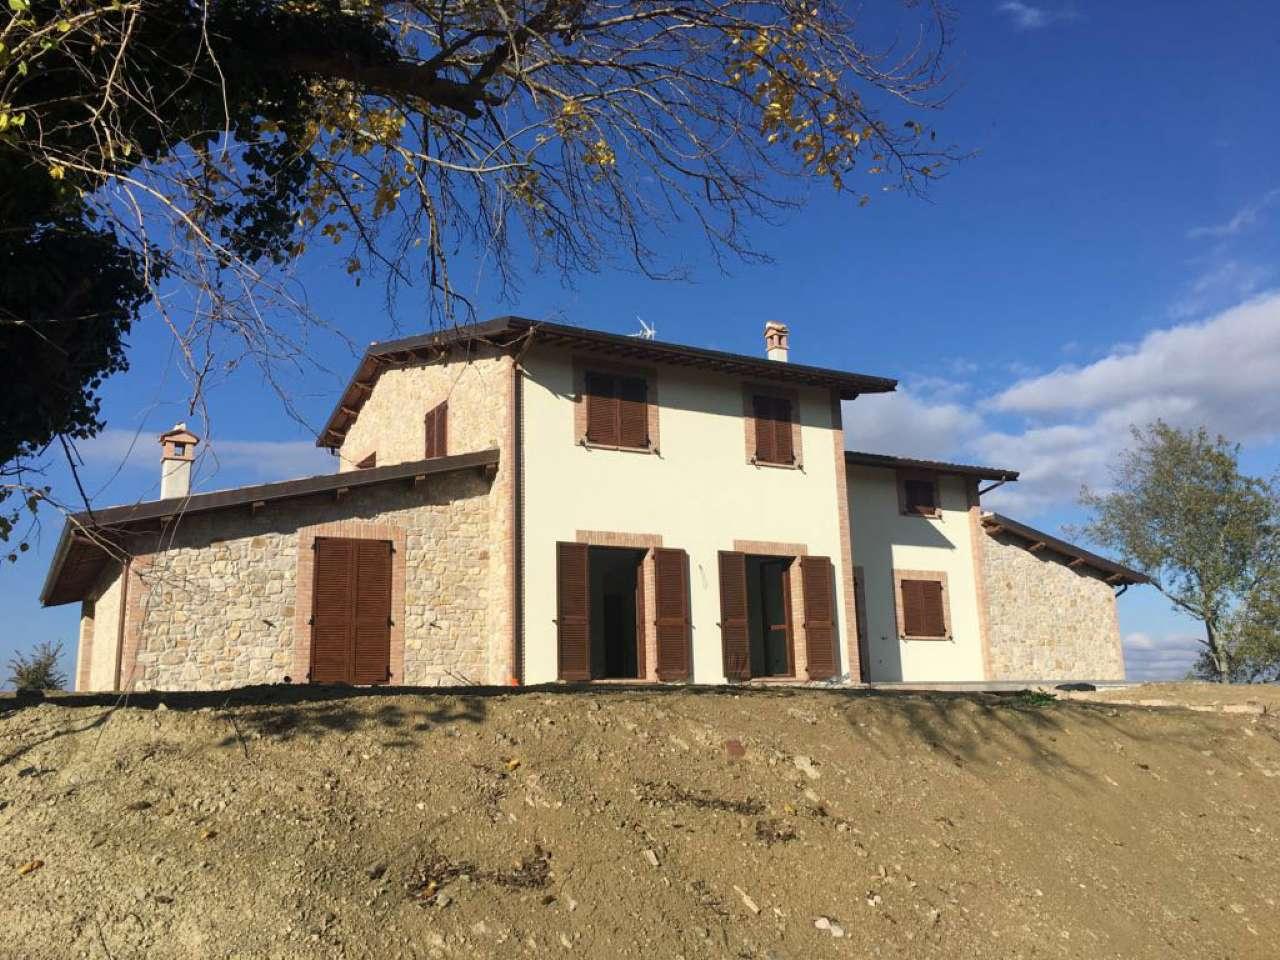 Villa in vendita a Collazzone, 10 locali, prezzo € 600.000 | CambioCasa.it